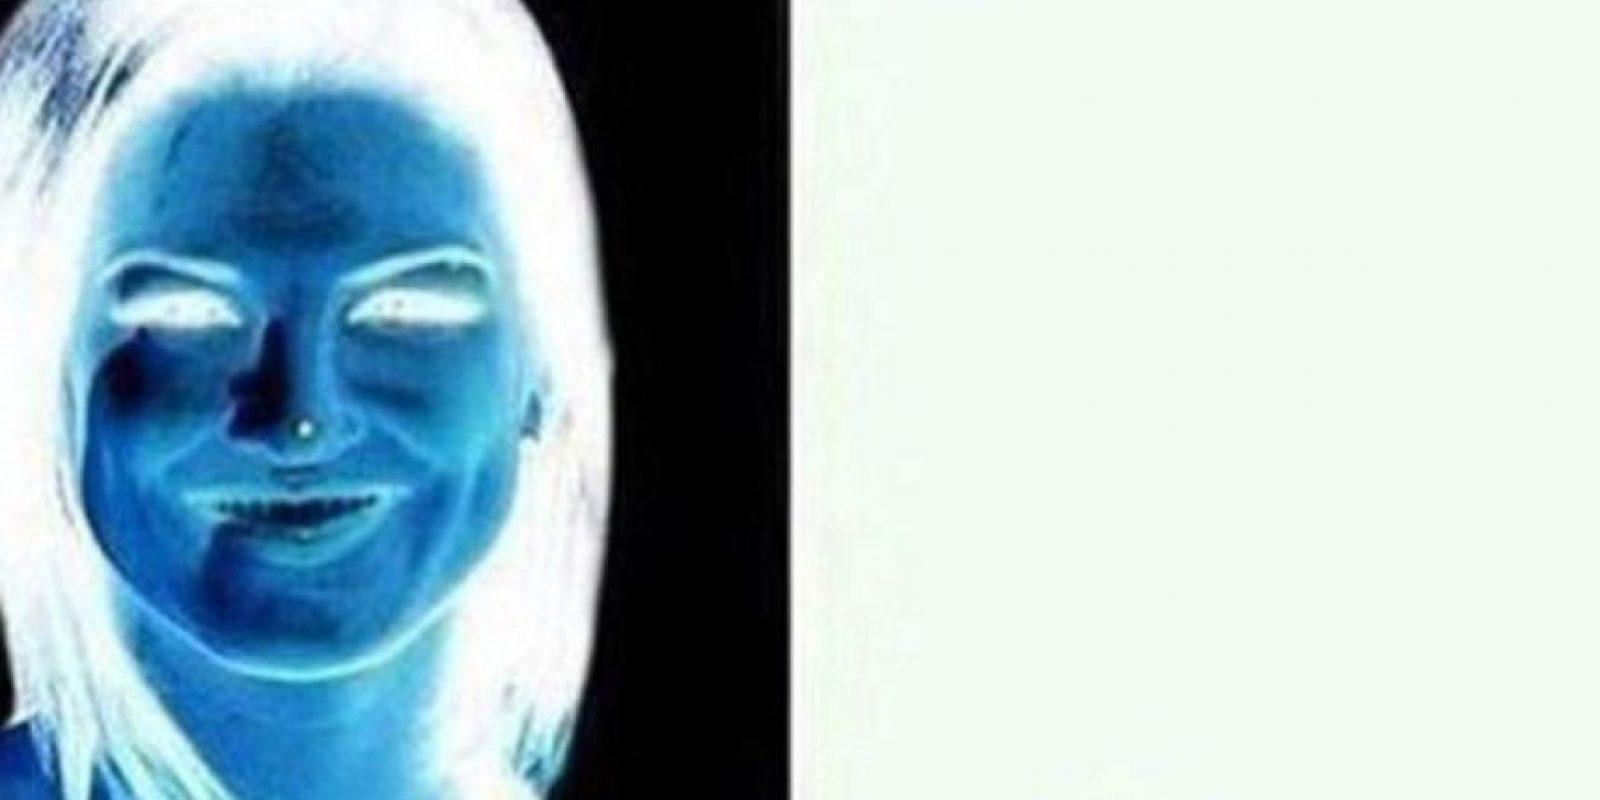 Miren durante 15 segundos el punto en su nariz y luego guíen su vista en la superficie blanca Foto:Twitter